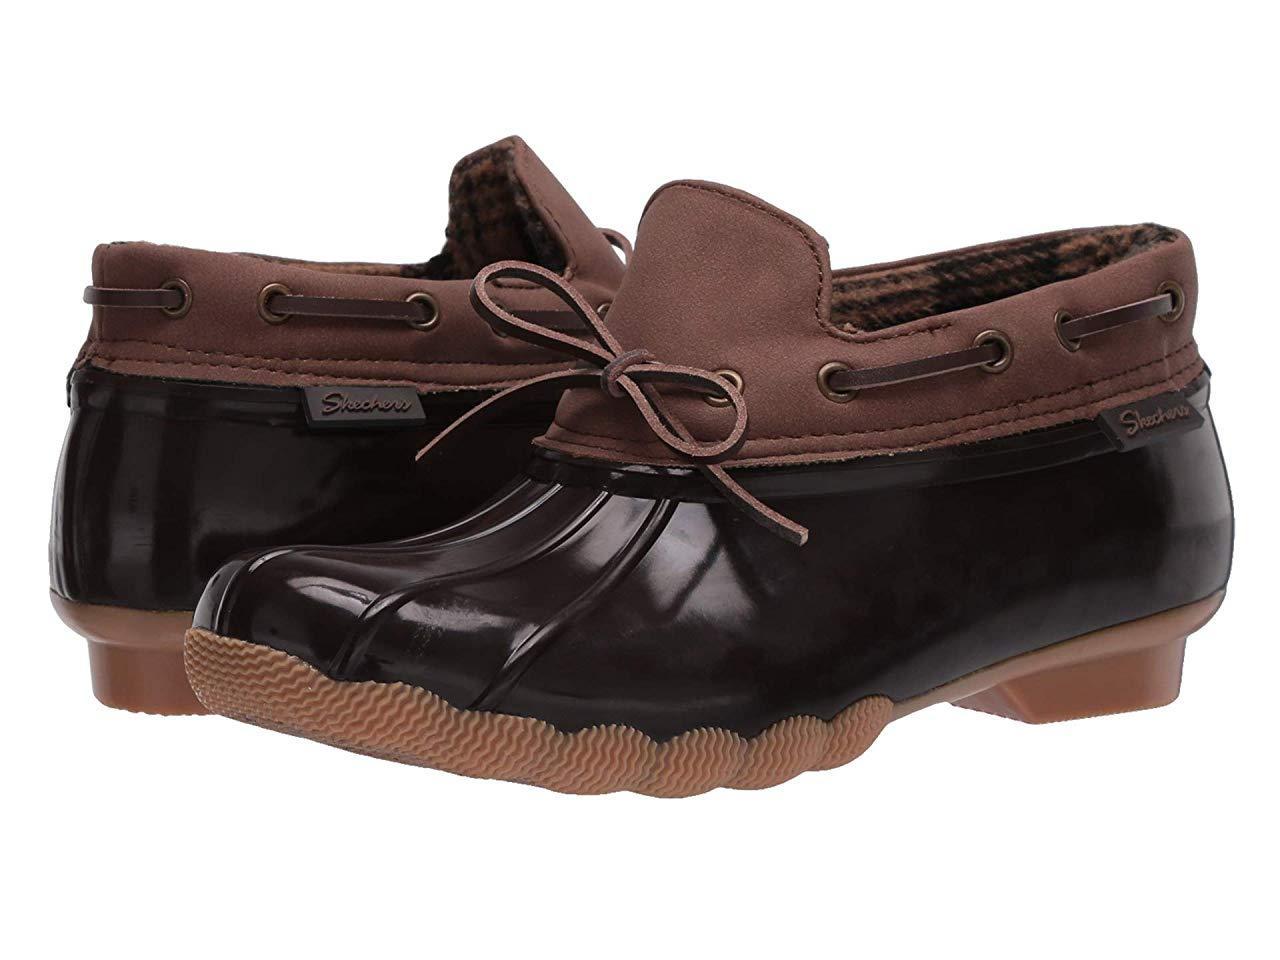 Ботинки/Сапоги SKECHERS Pond - Posy One Chocolate/Brown